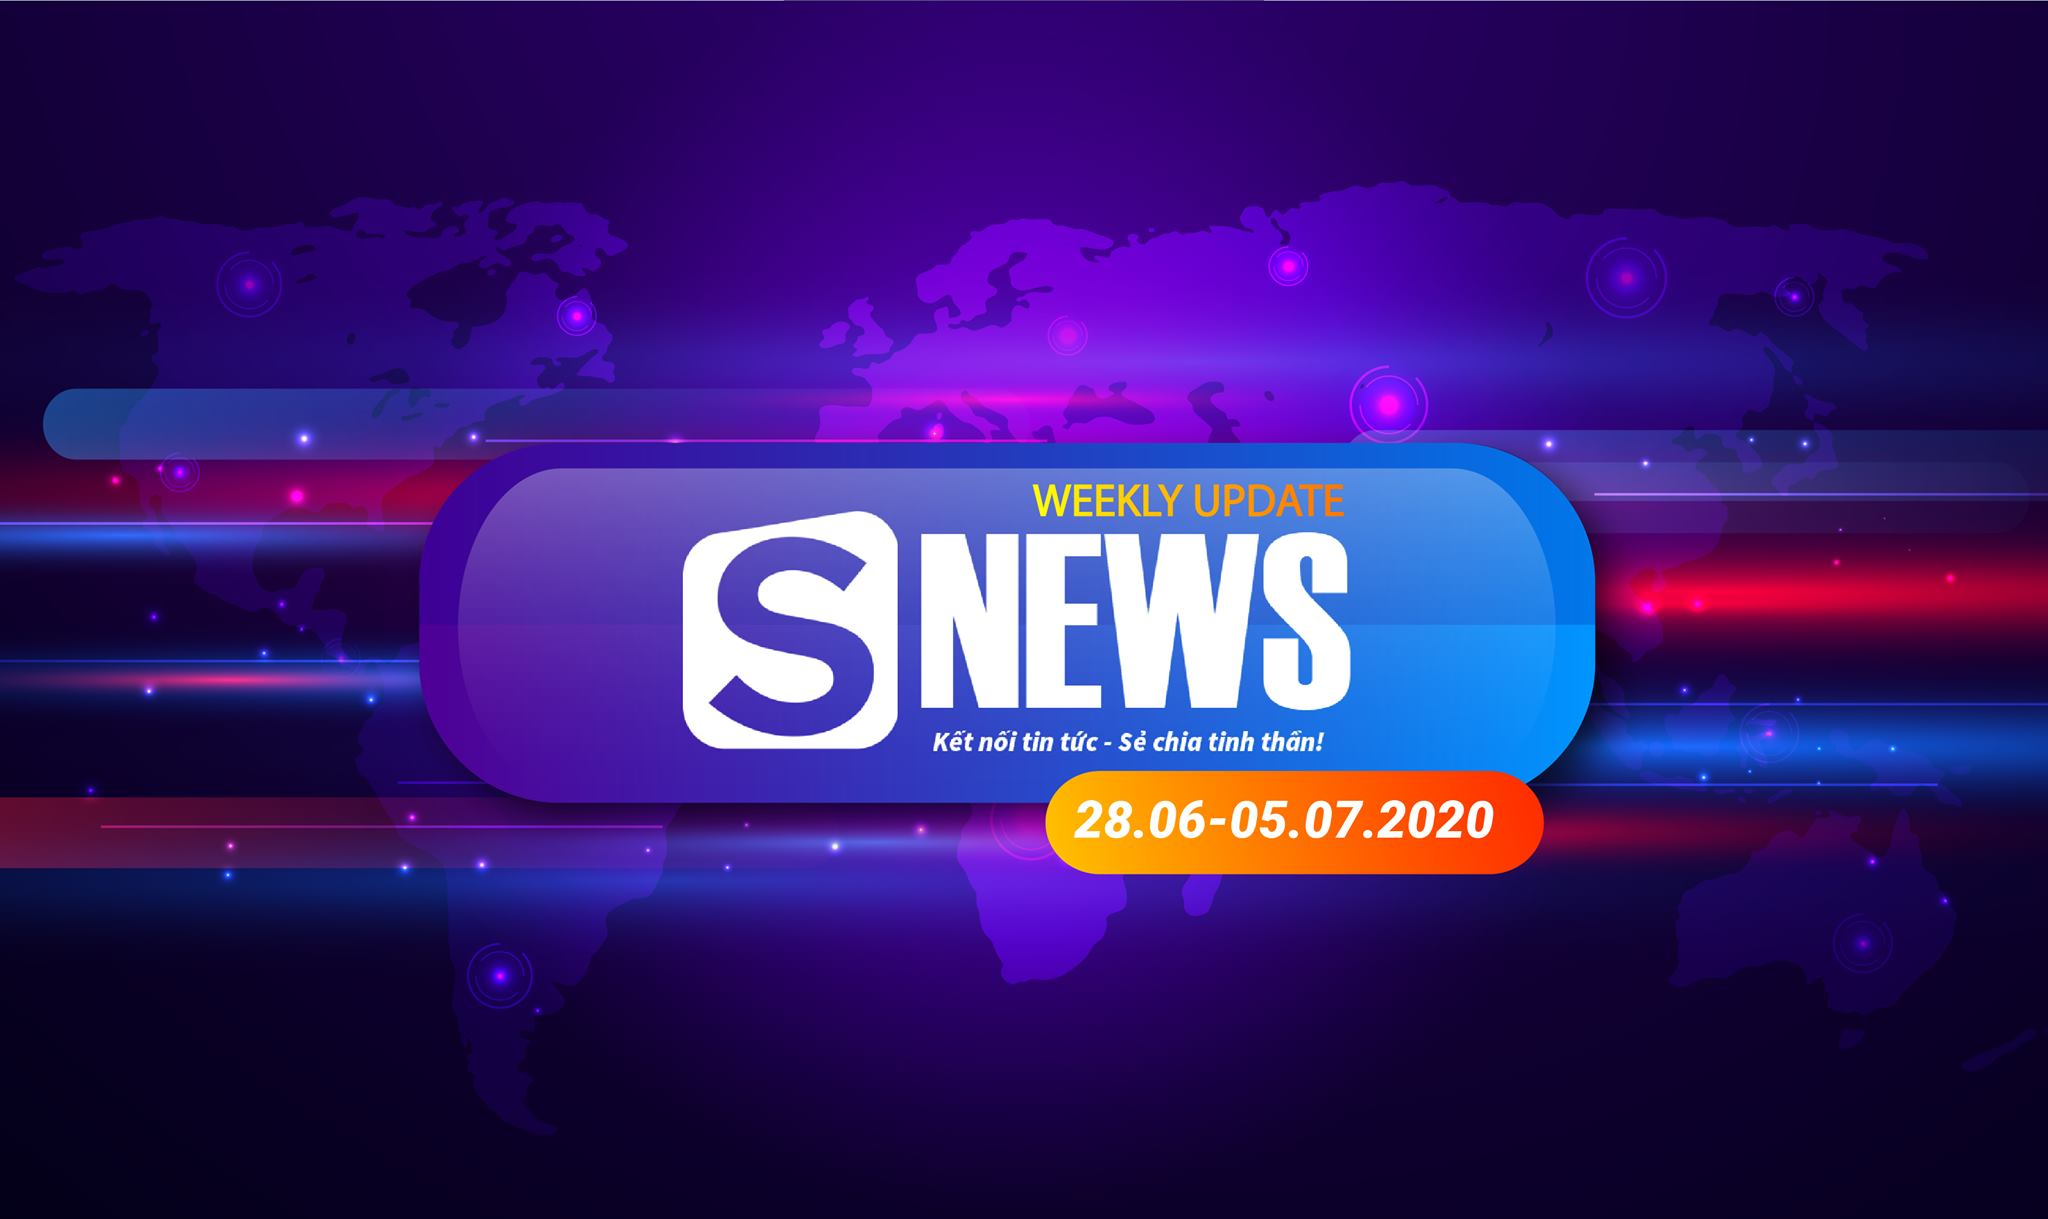 Tổng hợp tin tức tuần qua (28.6 - 05.7.2020)